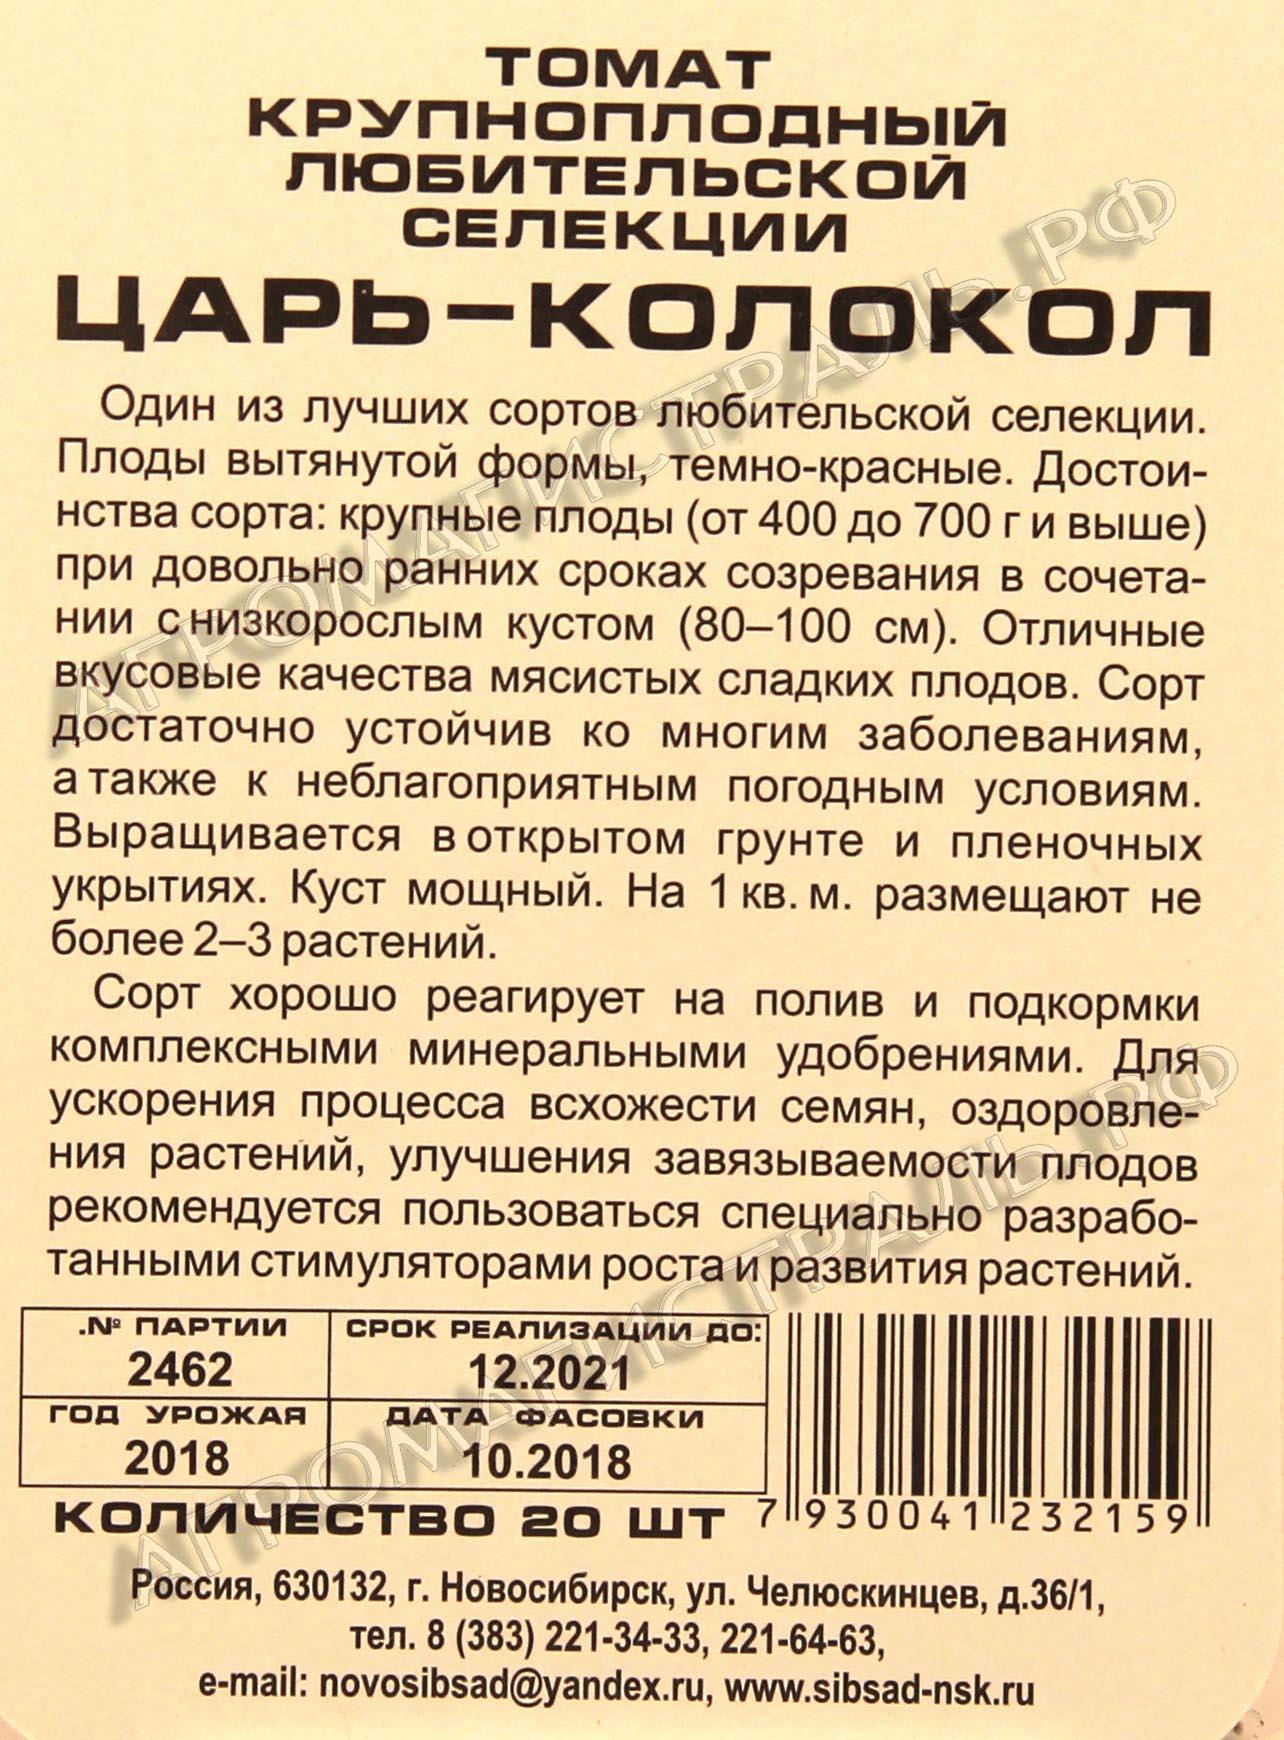 Томат царь колокол: отзывы, фото кустов и урожая, преимущества и недостатки сорта, инструкция по его выращиванию